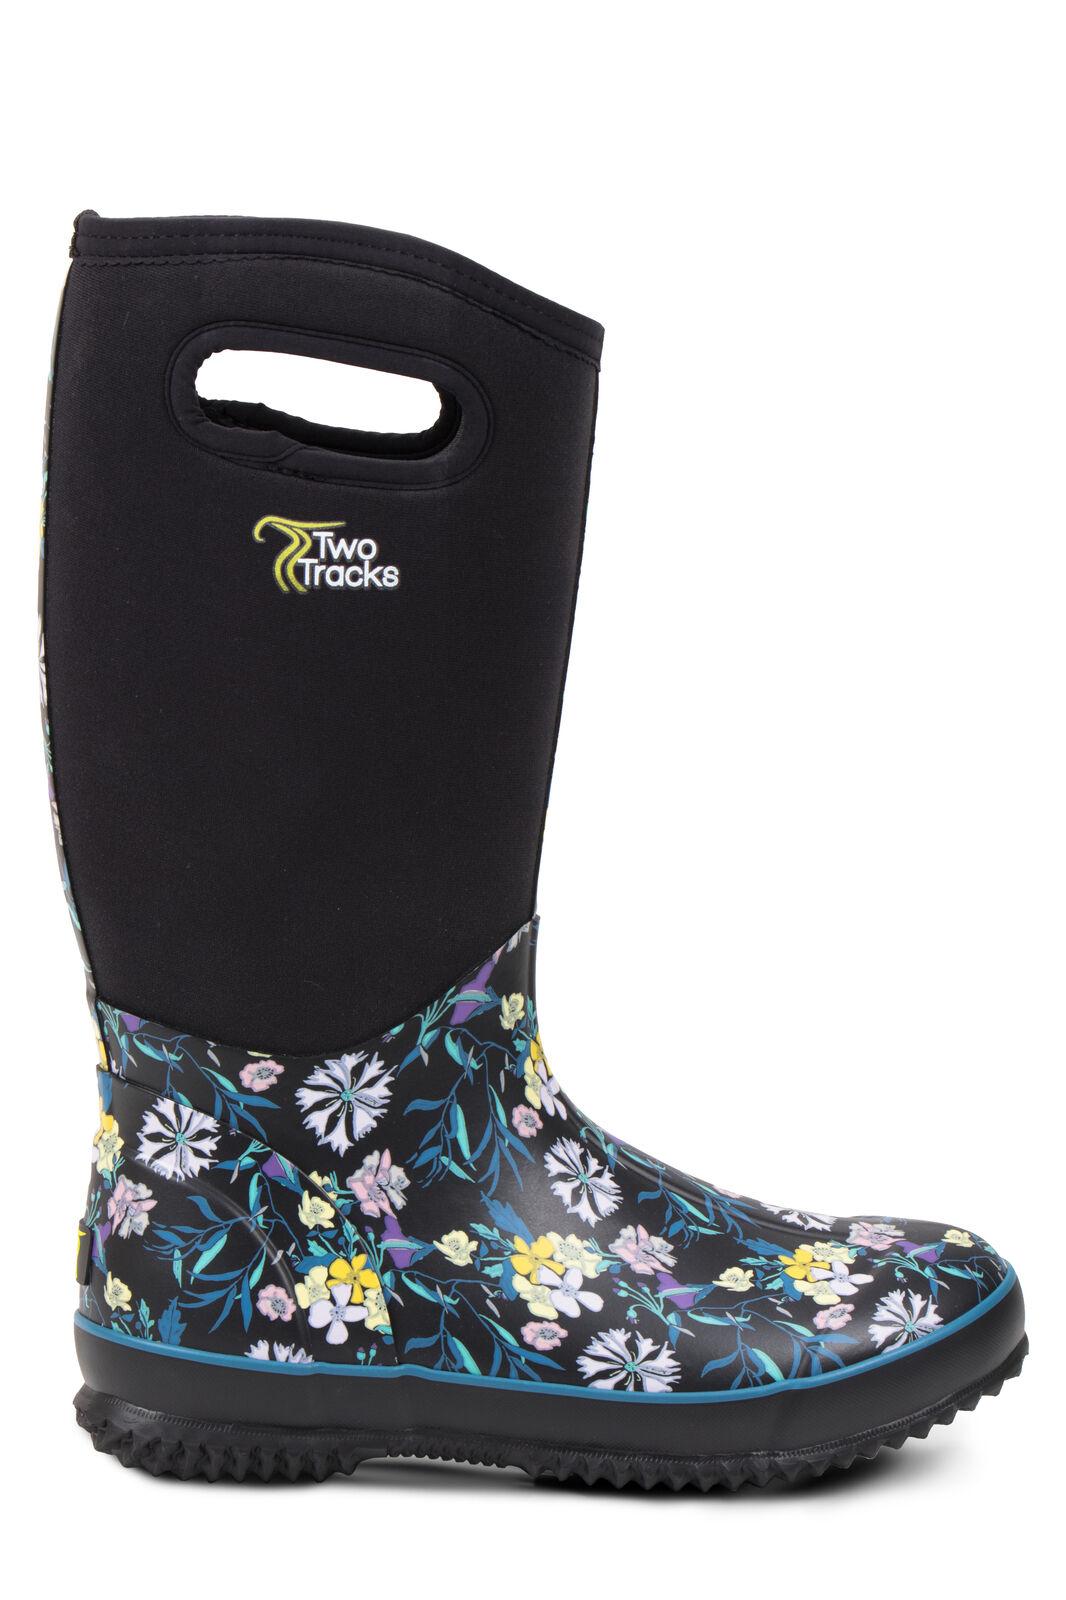 marchi di stilisti economici Twotracks Neoprene Stivali Clara altamente Outdoorstivali Stivali Stivali Stivali di gomma  ottima selezione e consegna rapida